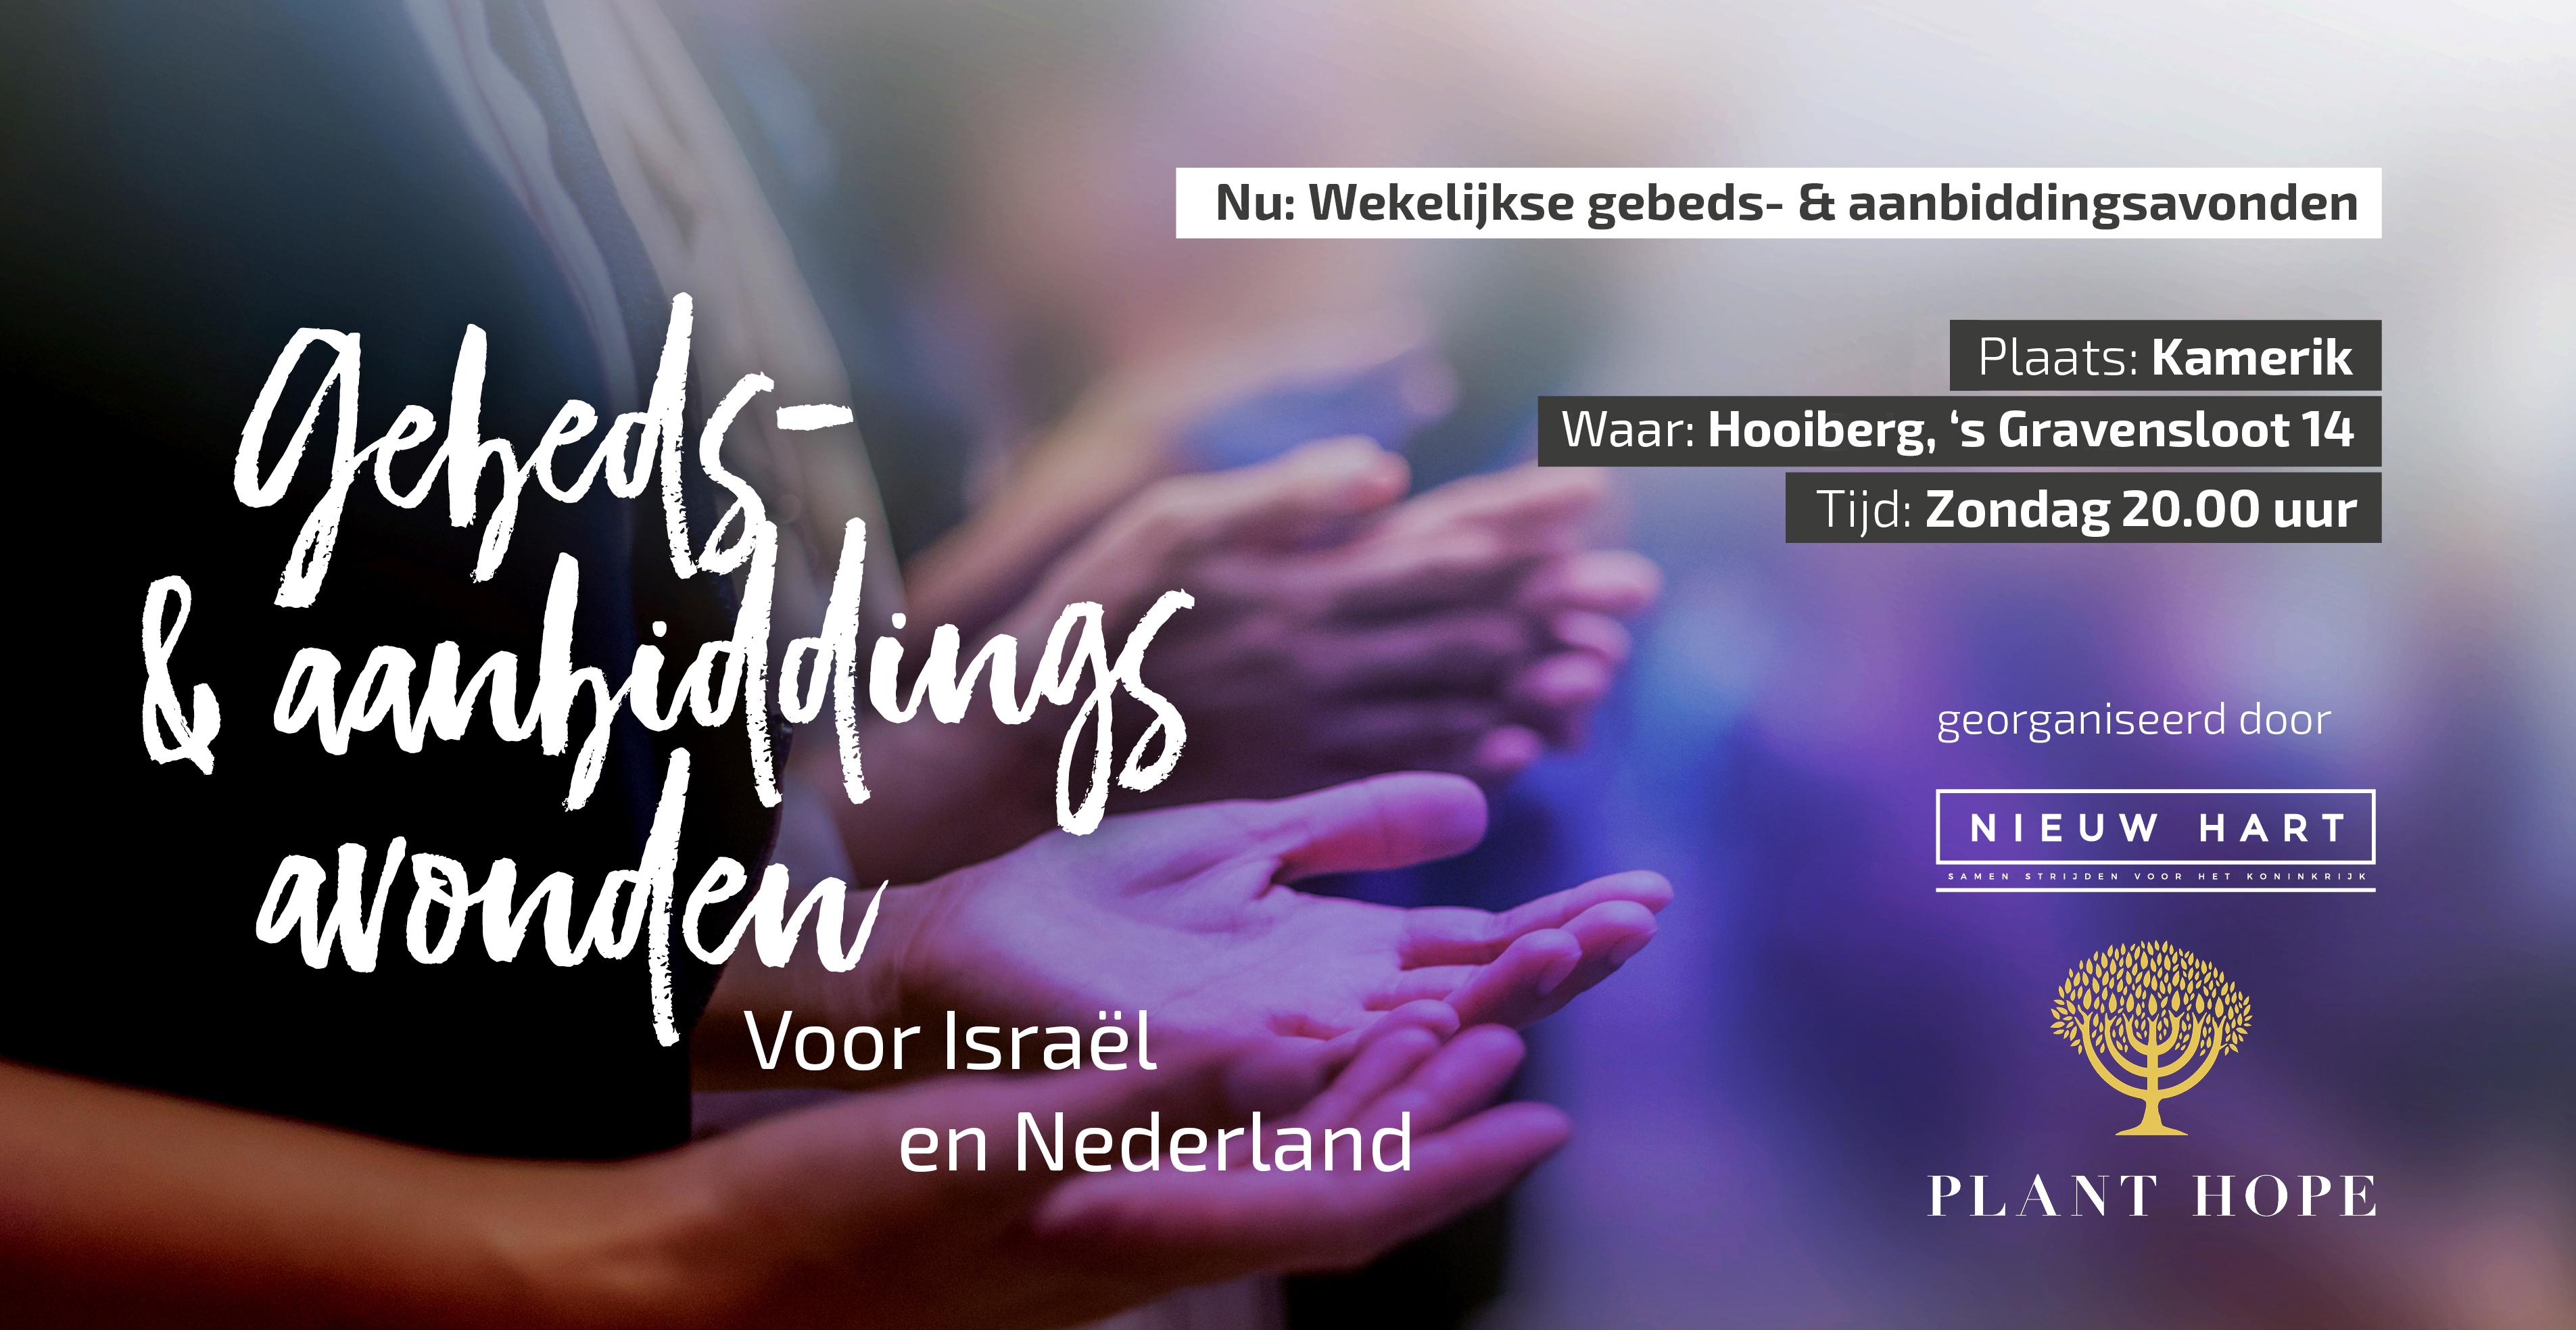 Gebeds- en aanbiddingsavond 27 september